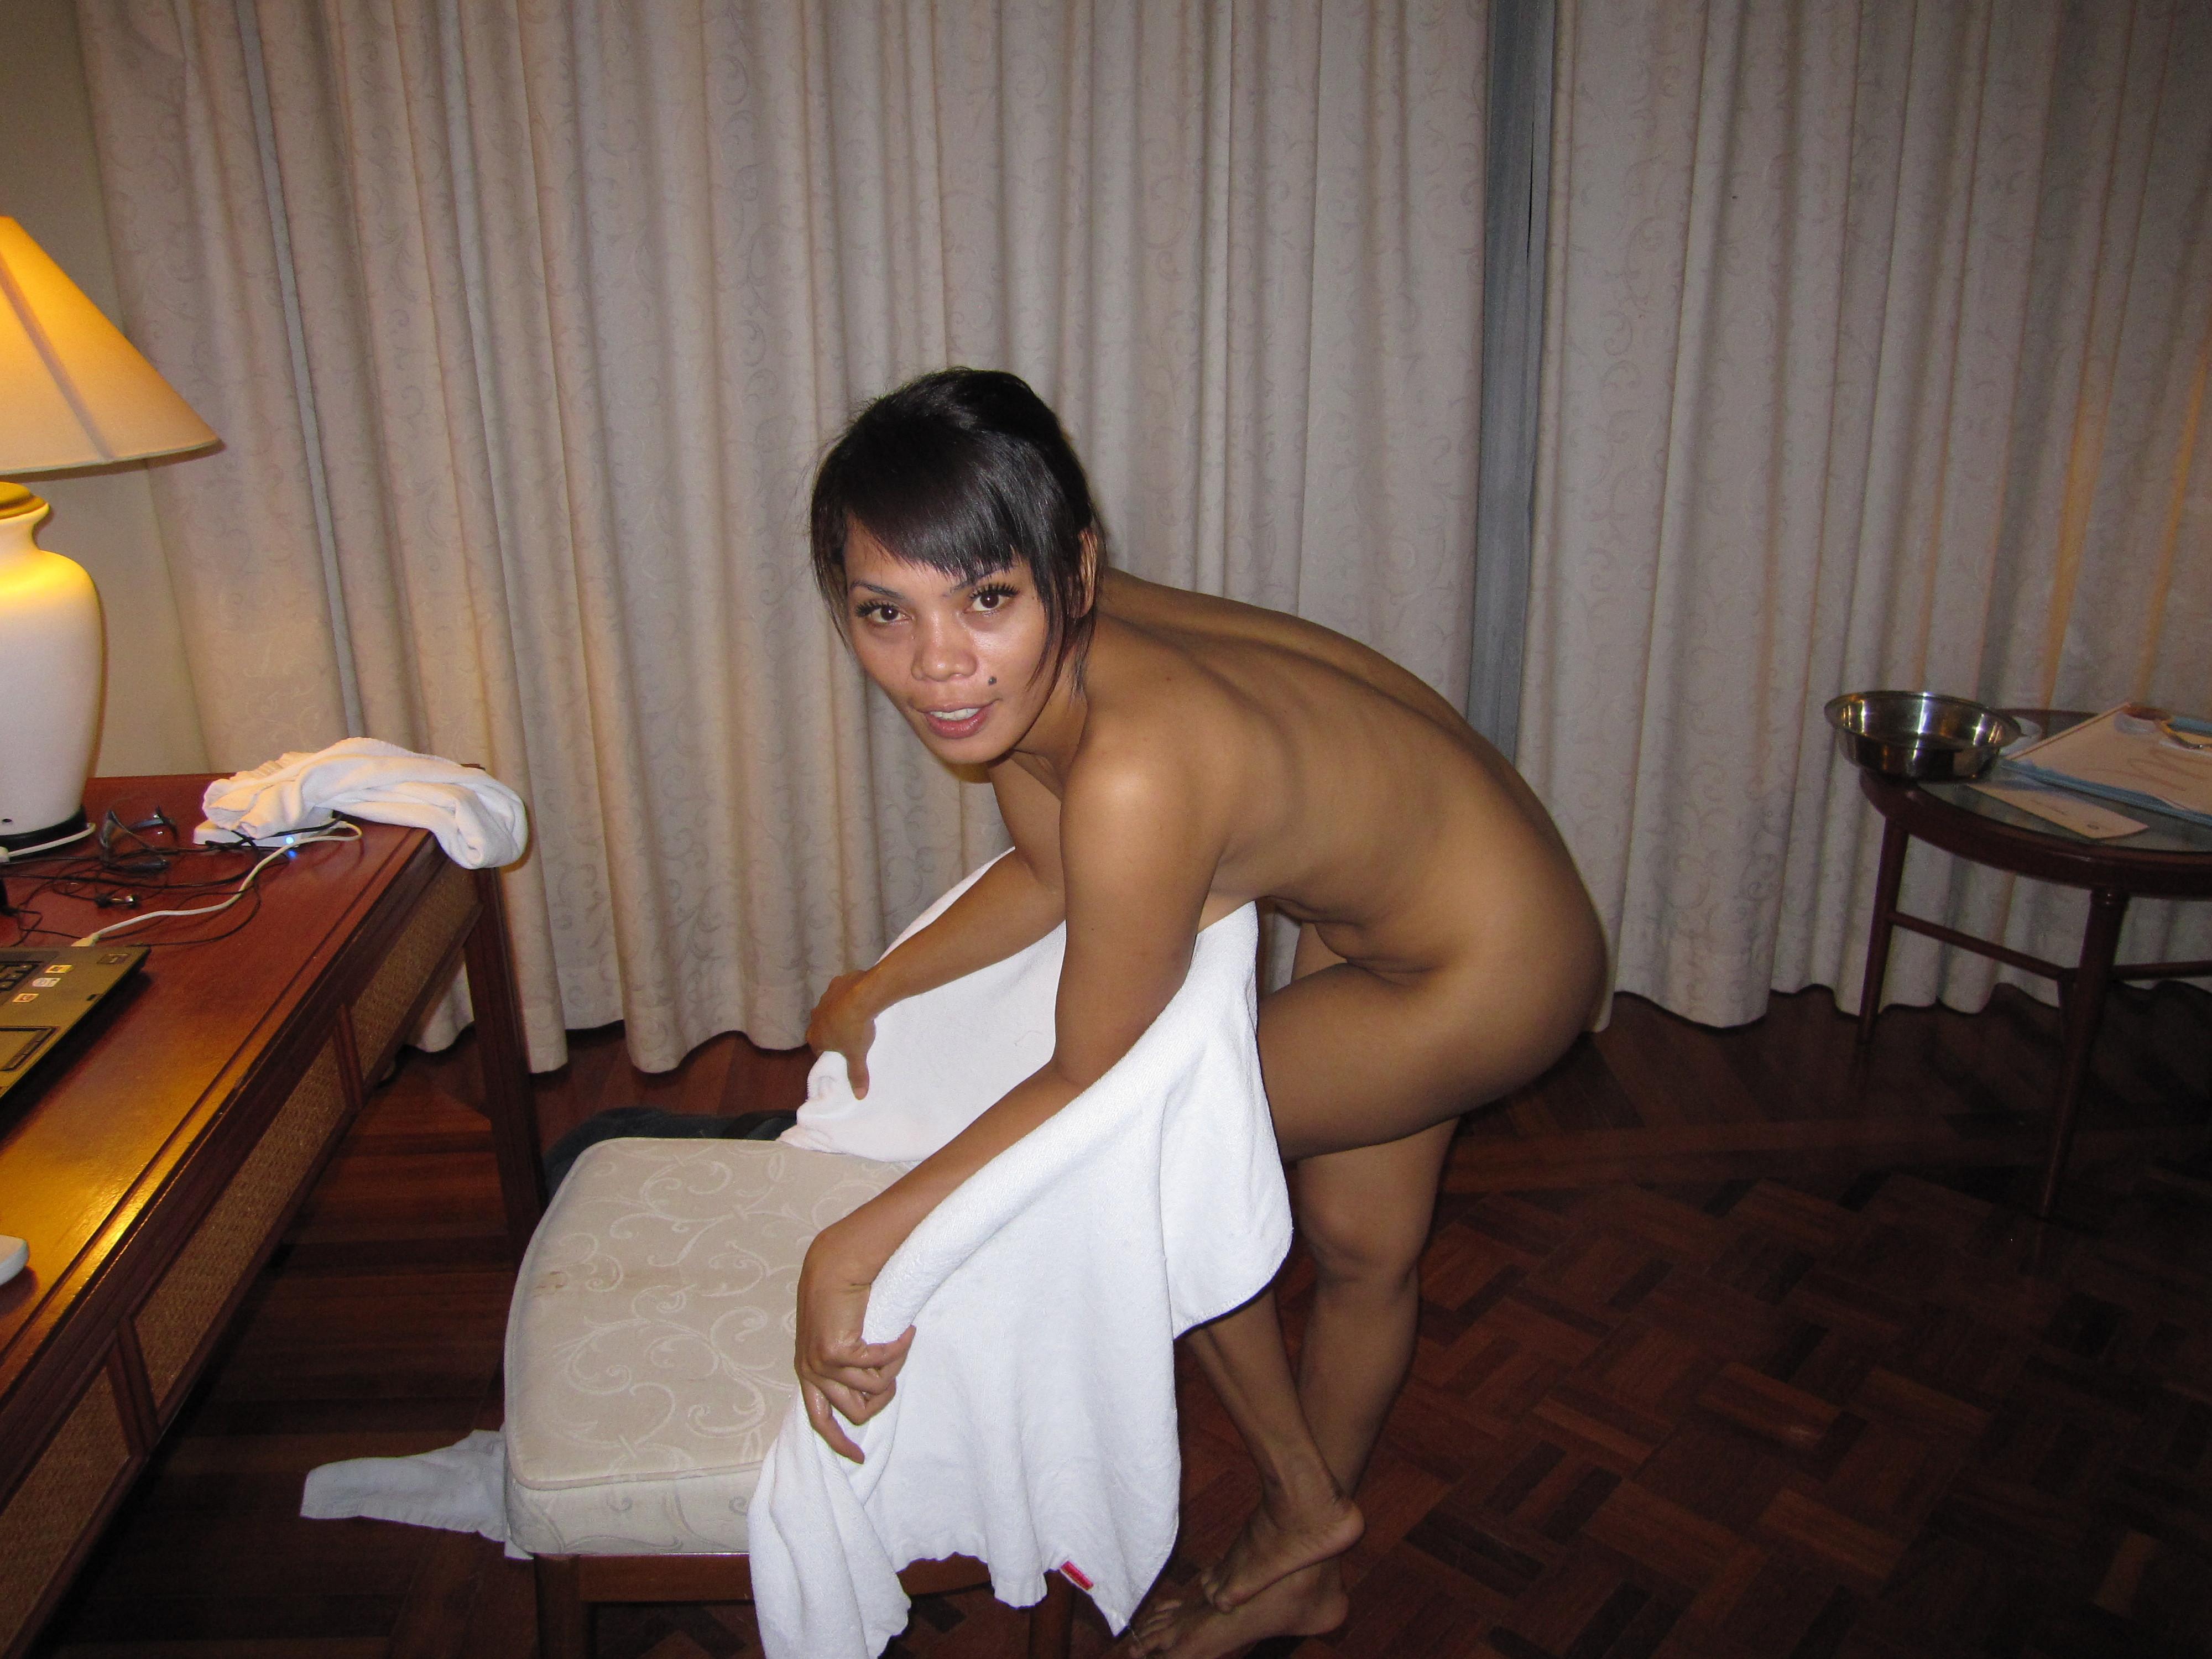 Фото проституток кубы, Голые кубинки - фото обнаженных кубинских девушек 10 фотография